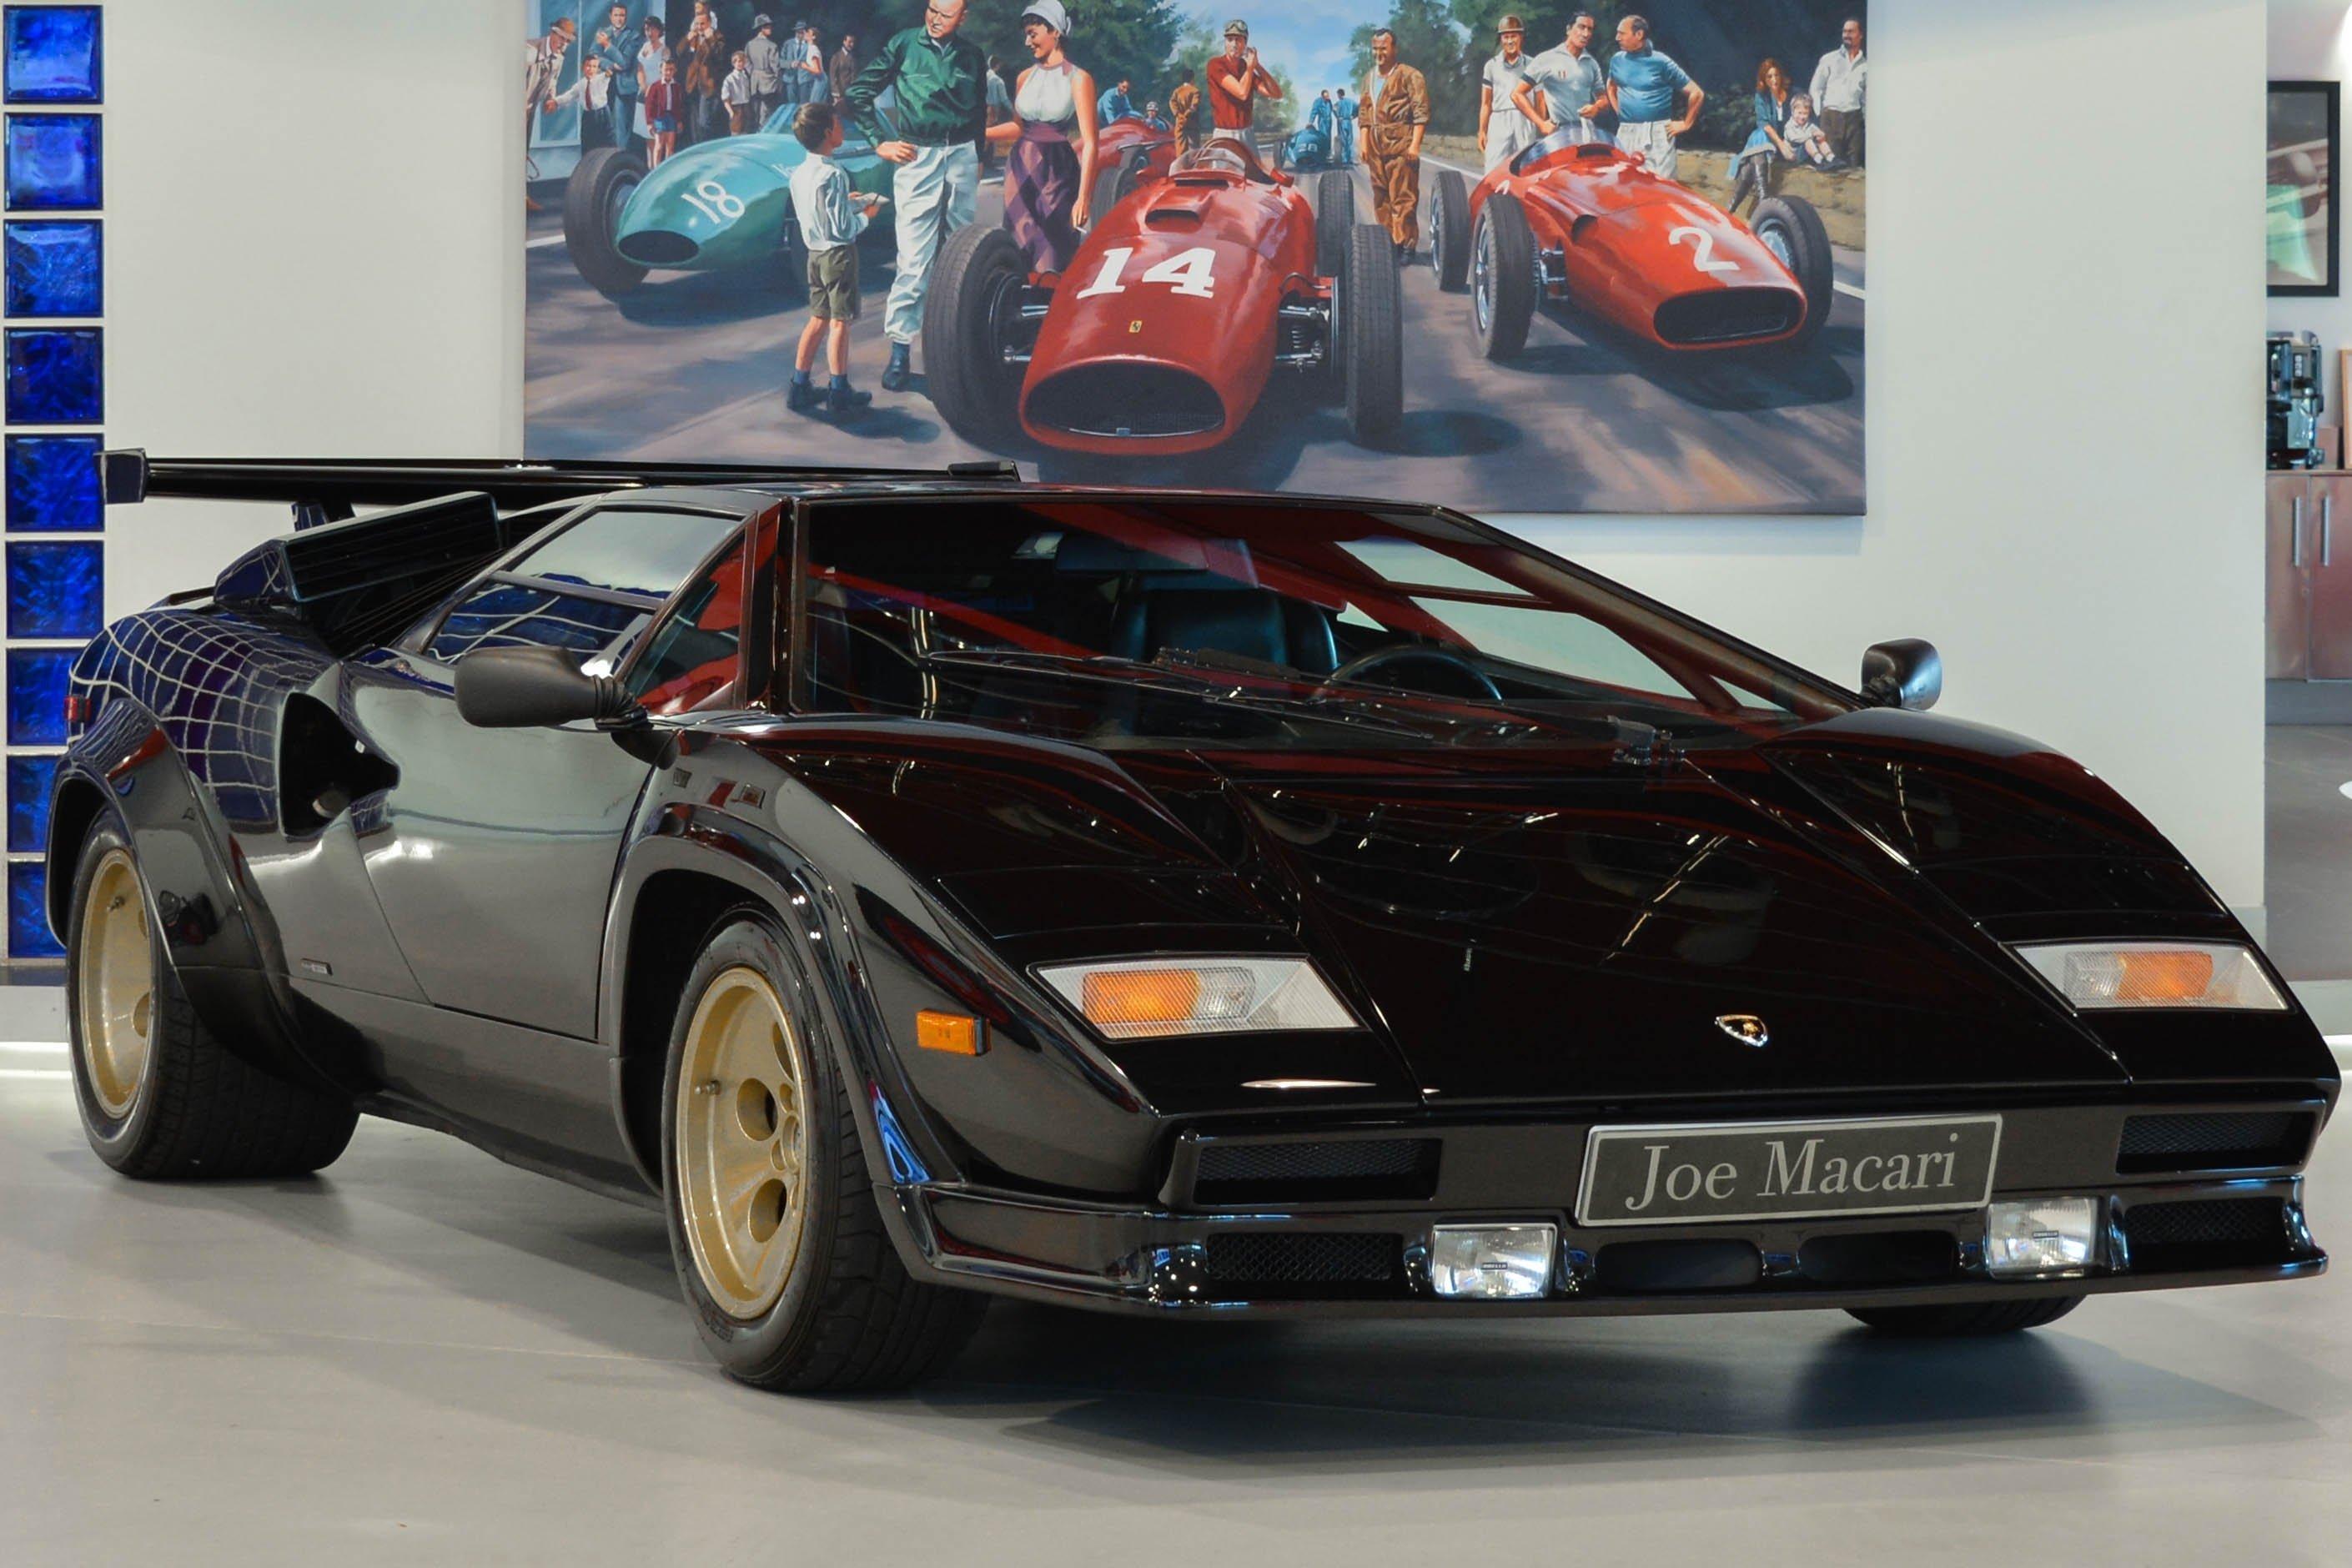 1987 Lamborghini Countach - 5000 QV   Classic Driver Market